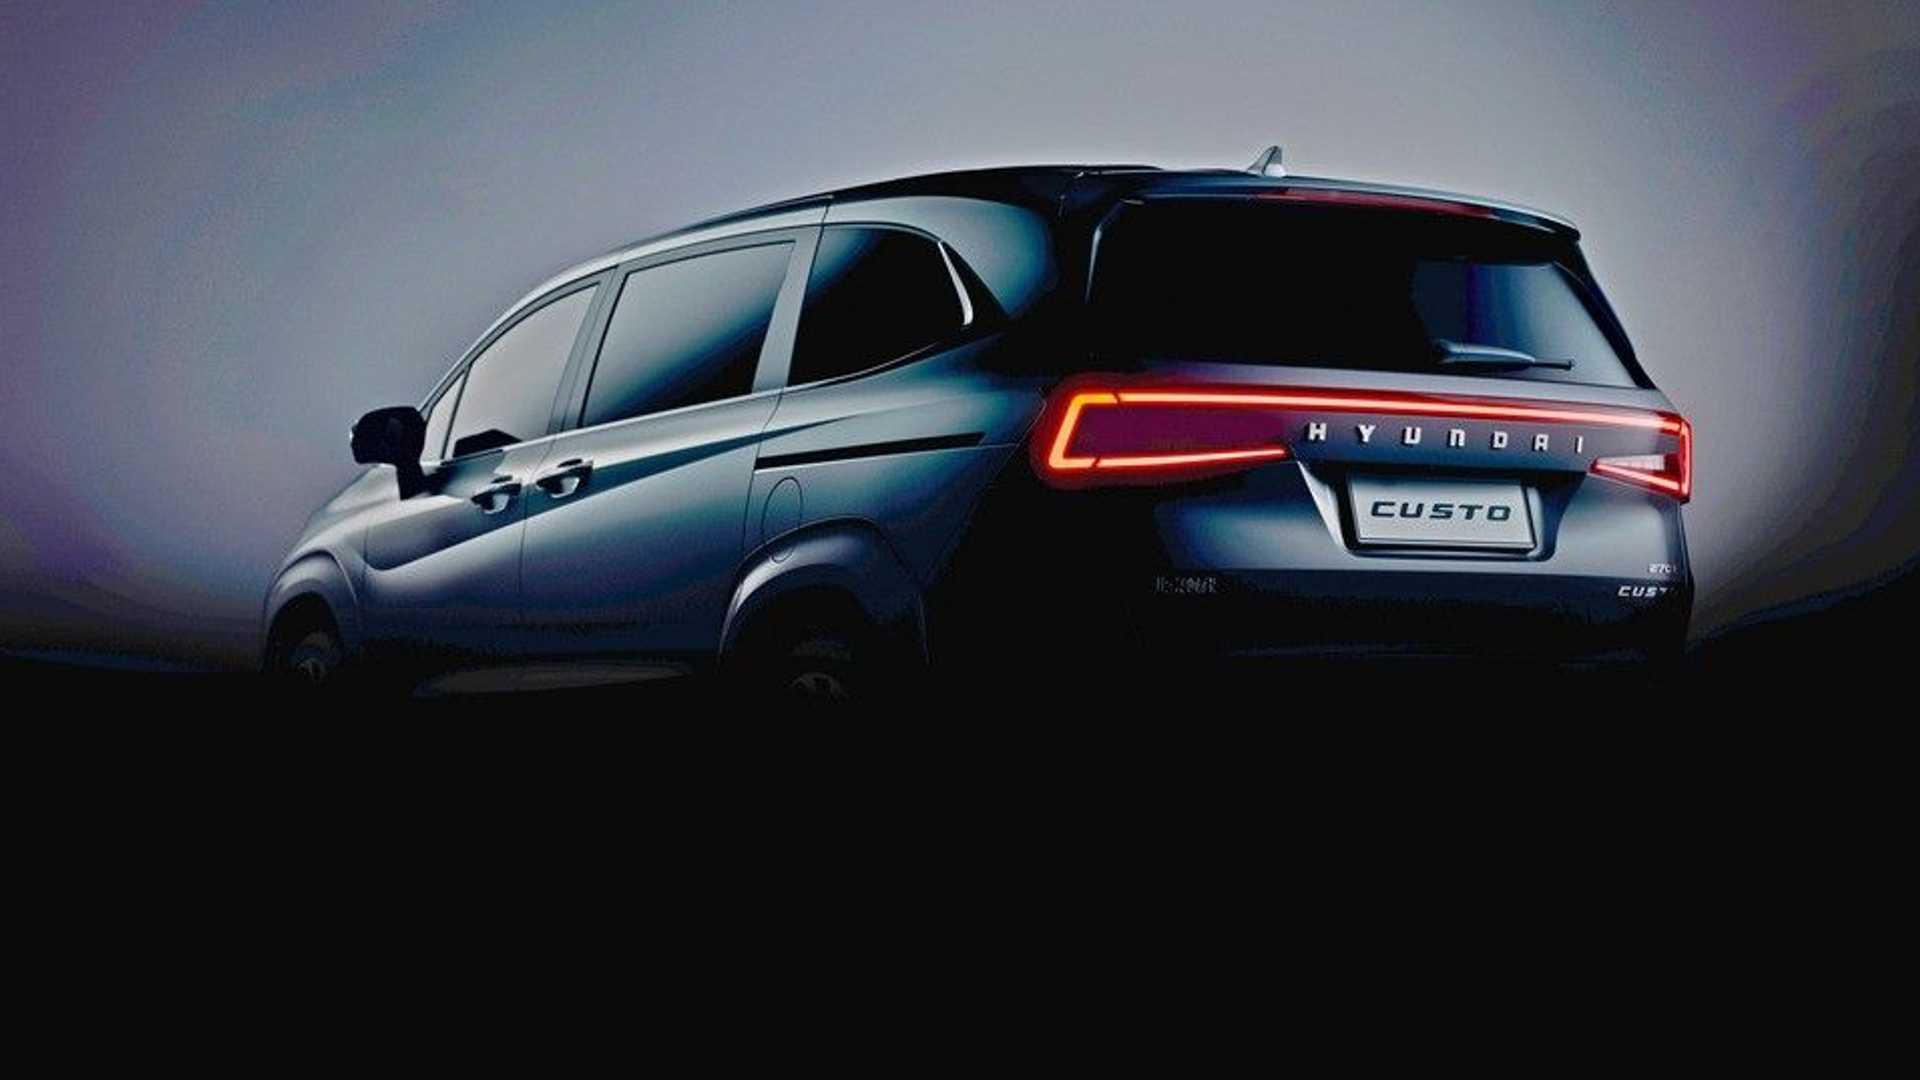 Hyundai Hadirkan Custo untuk Segmen MPV